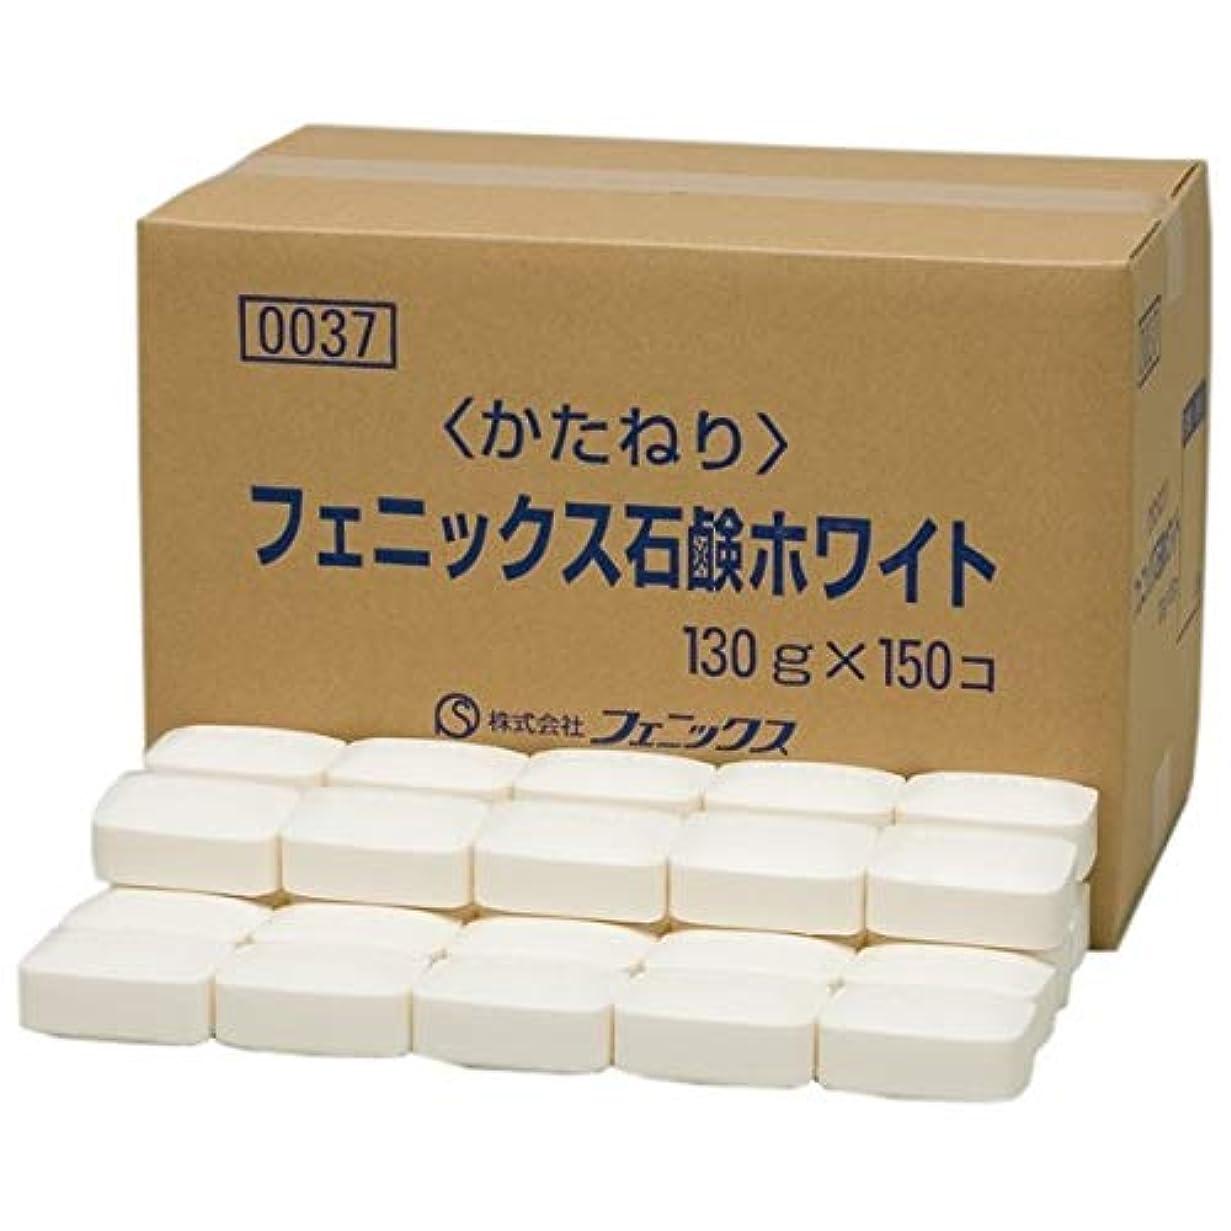 インターネット密汚染されたフェニックスホワイト石鹸 130g×150個入